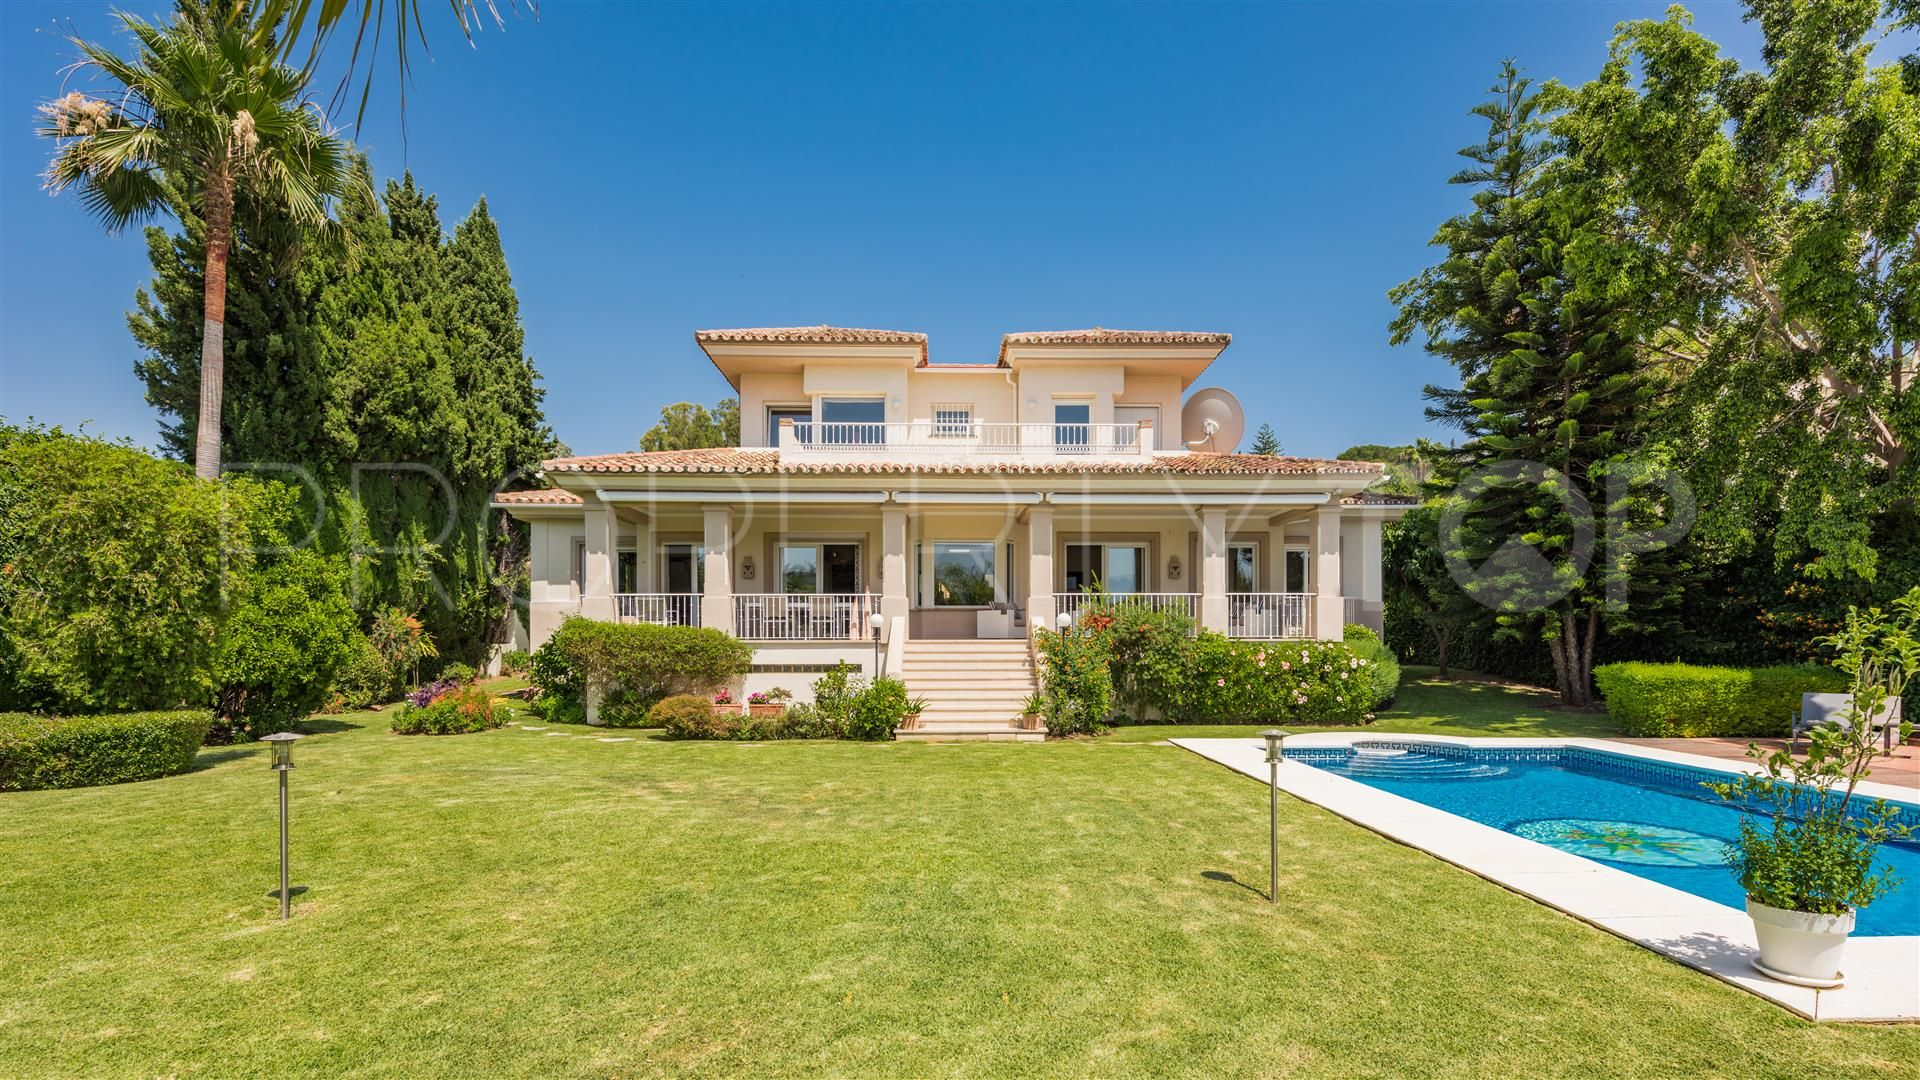 villa con 5 dormitorios en venta en el paraiso estepona terra meridiana. Black Bedroom Furniture Sets. Home Design Ideas